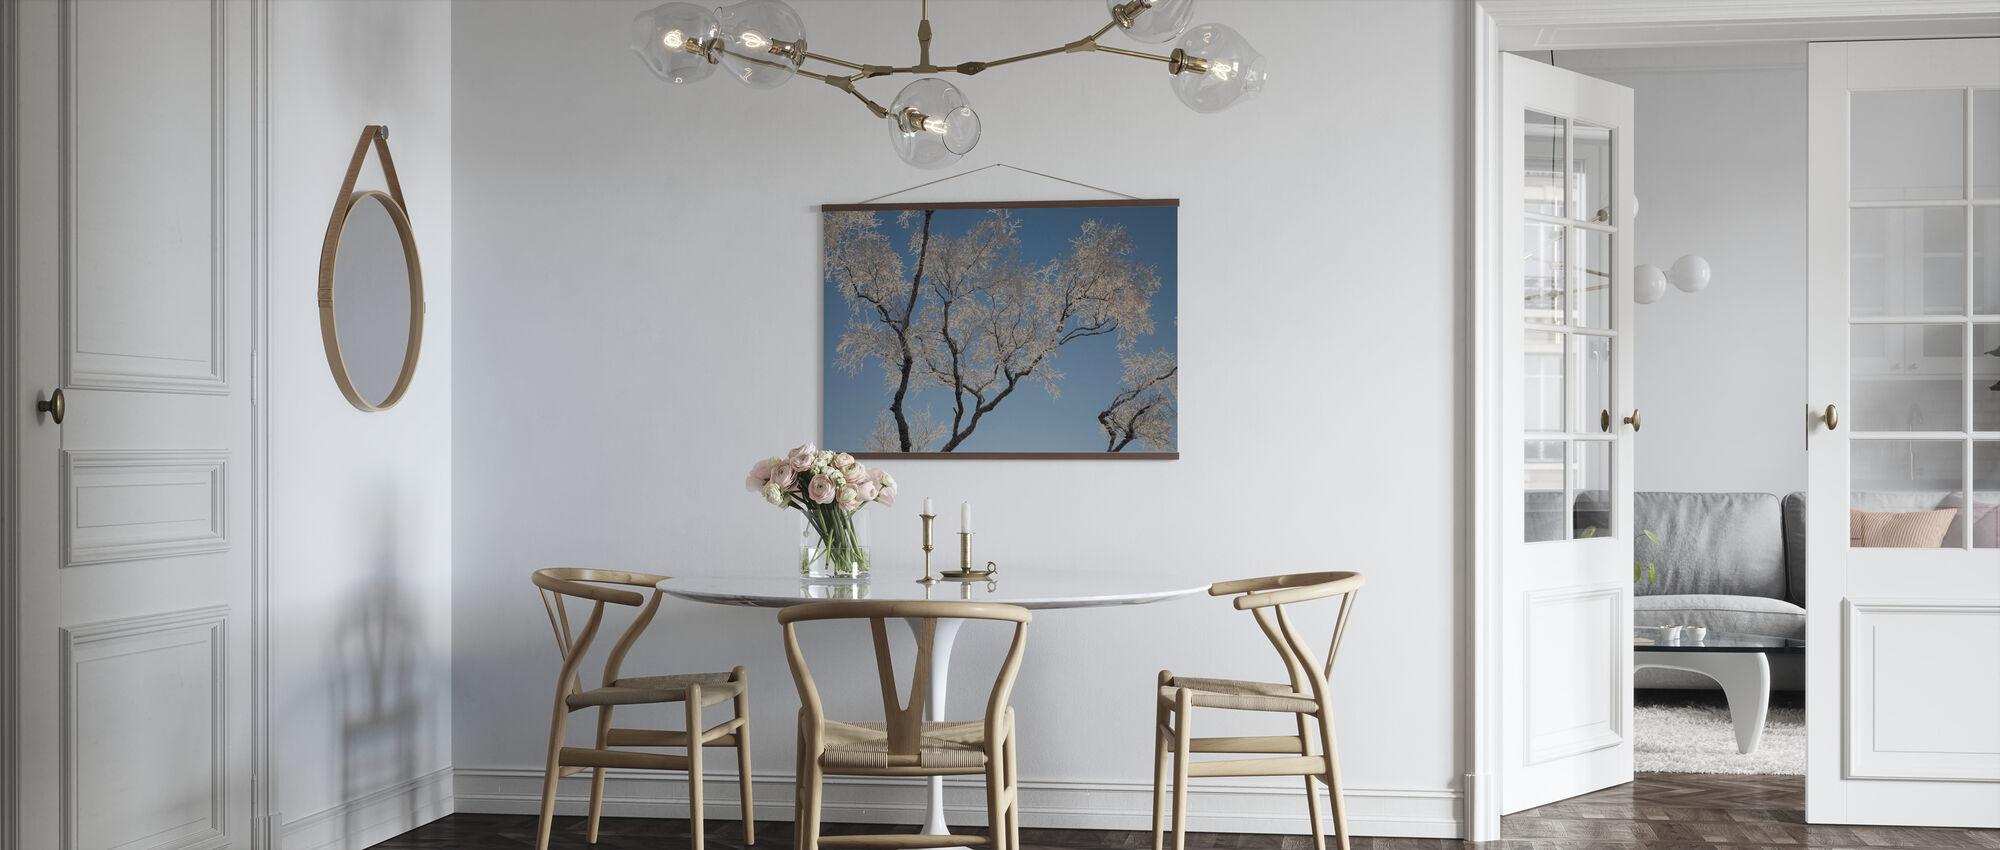 Silver Birch - Poster - Kitchen